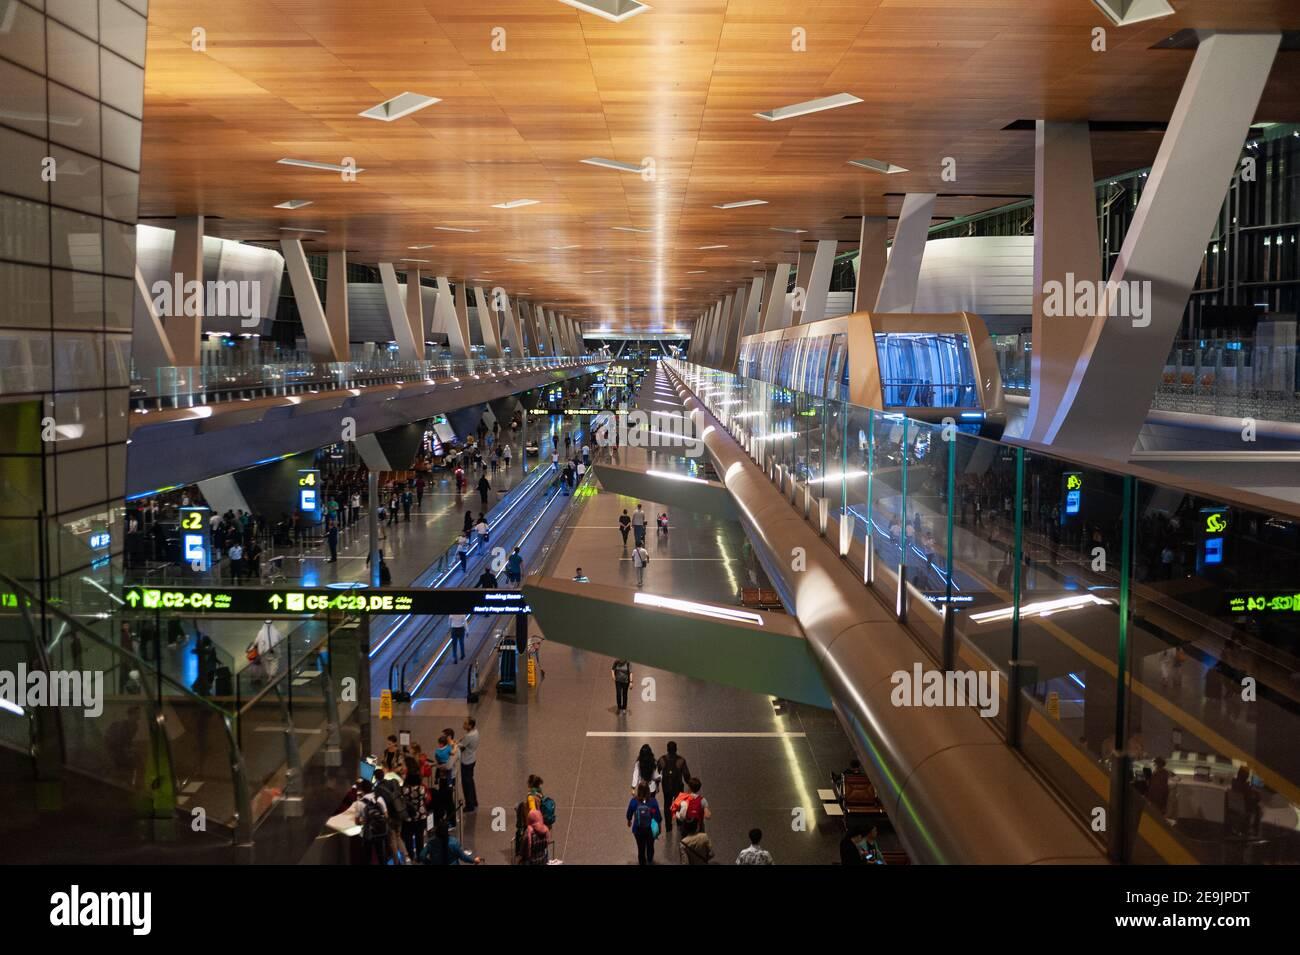 27.06.2019, Doha, Qatar, Asie - vue intérieure du nouvel aéroport international de Hamad avec navette. Banque D'Images